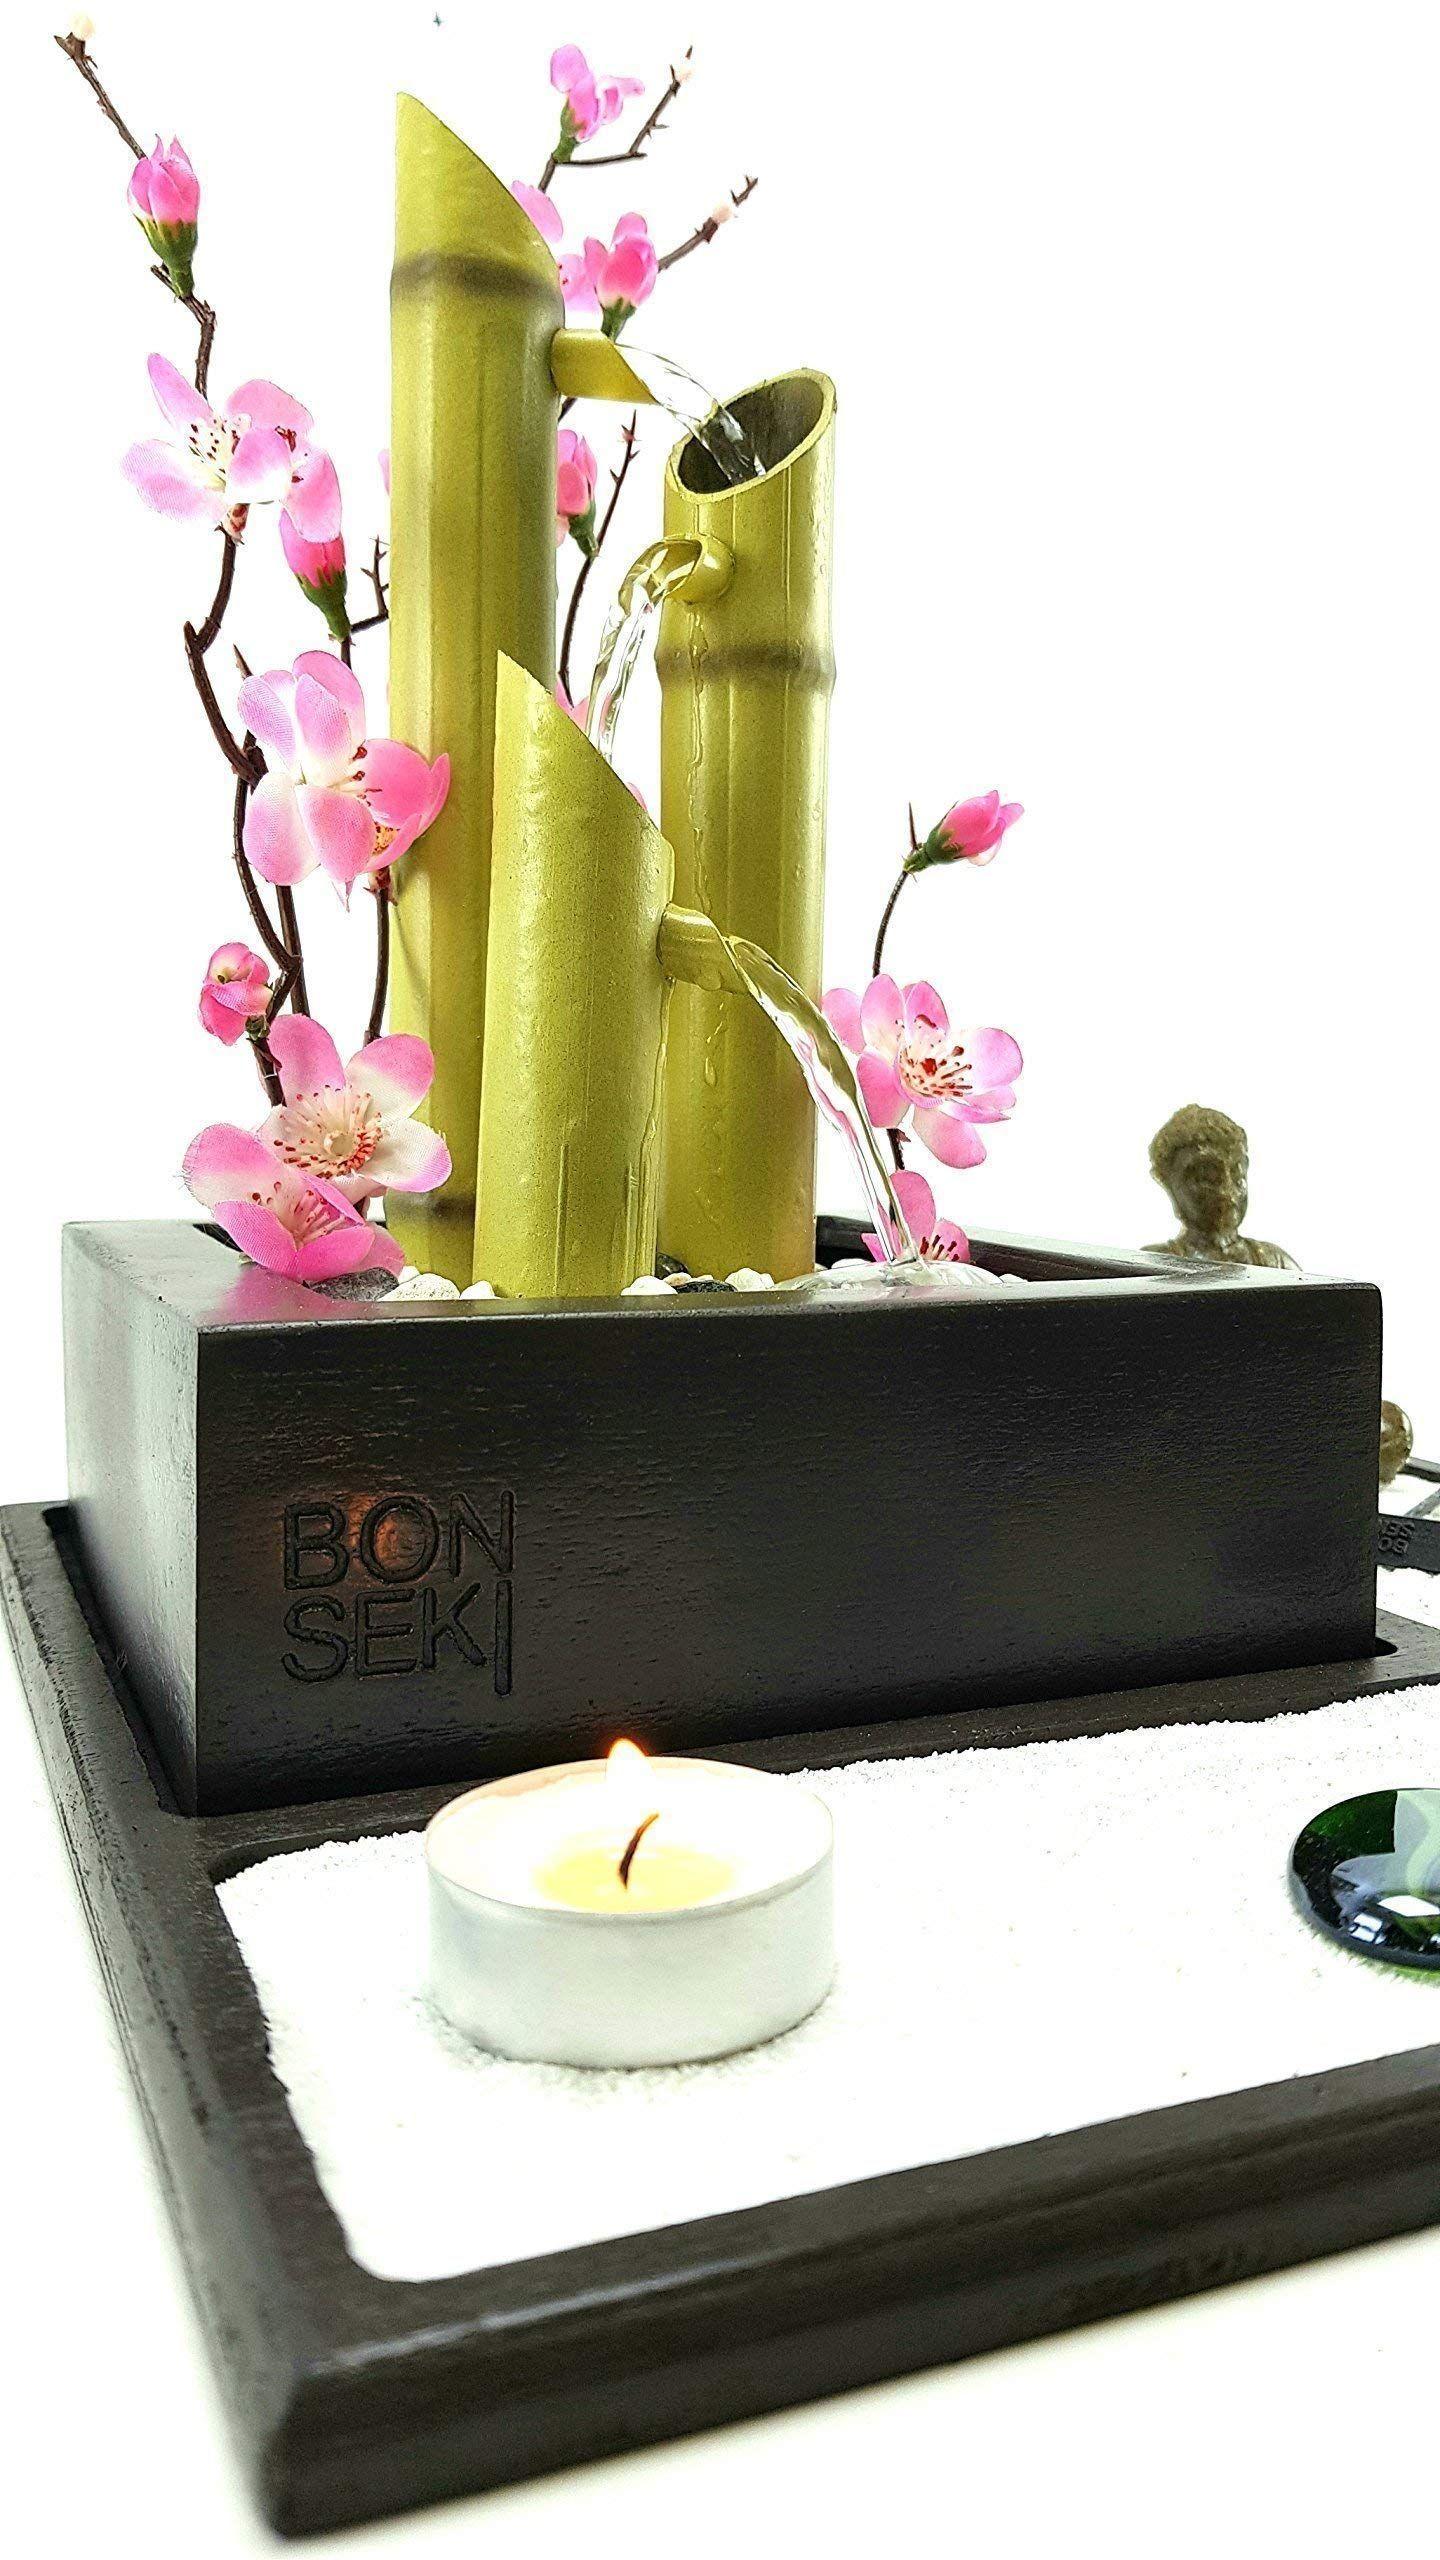 Bonseki Fontana Zen Elegance Giardino Zen Da Tavolo Con